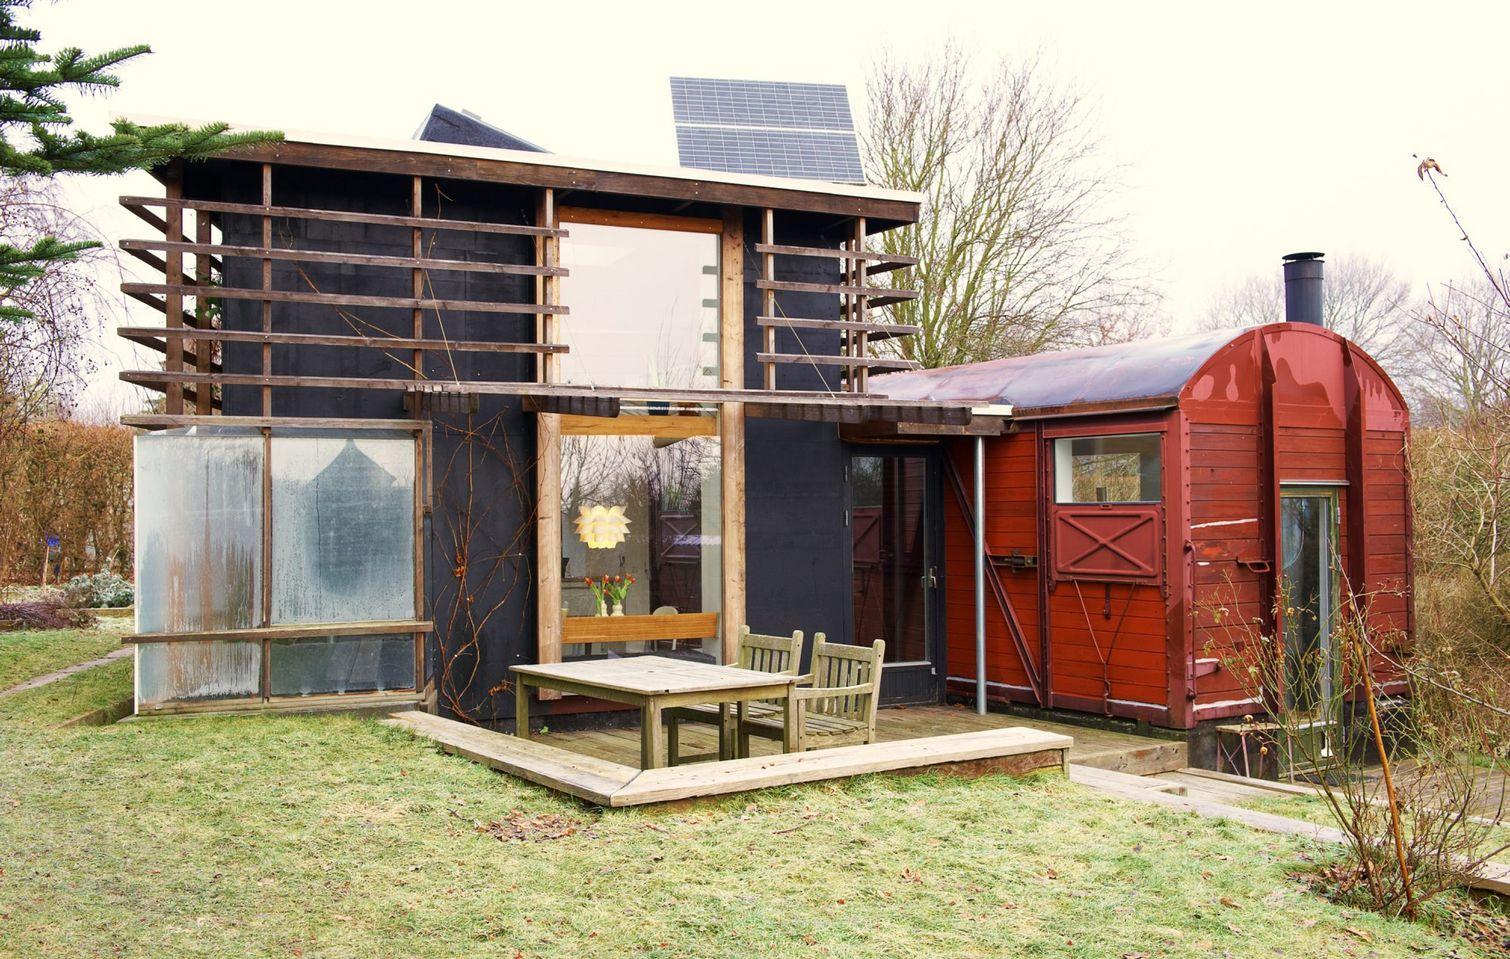 Familie byggede kolonihavehus af togvogns-skrot